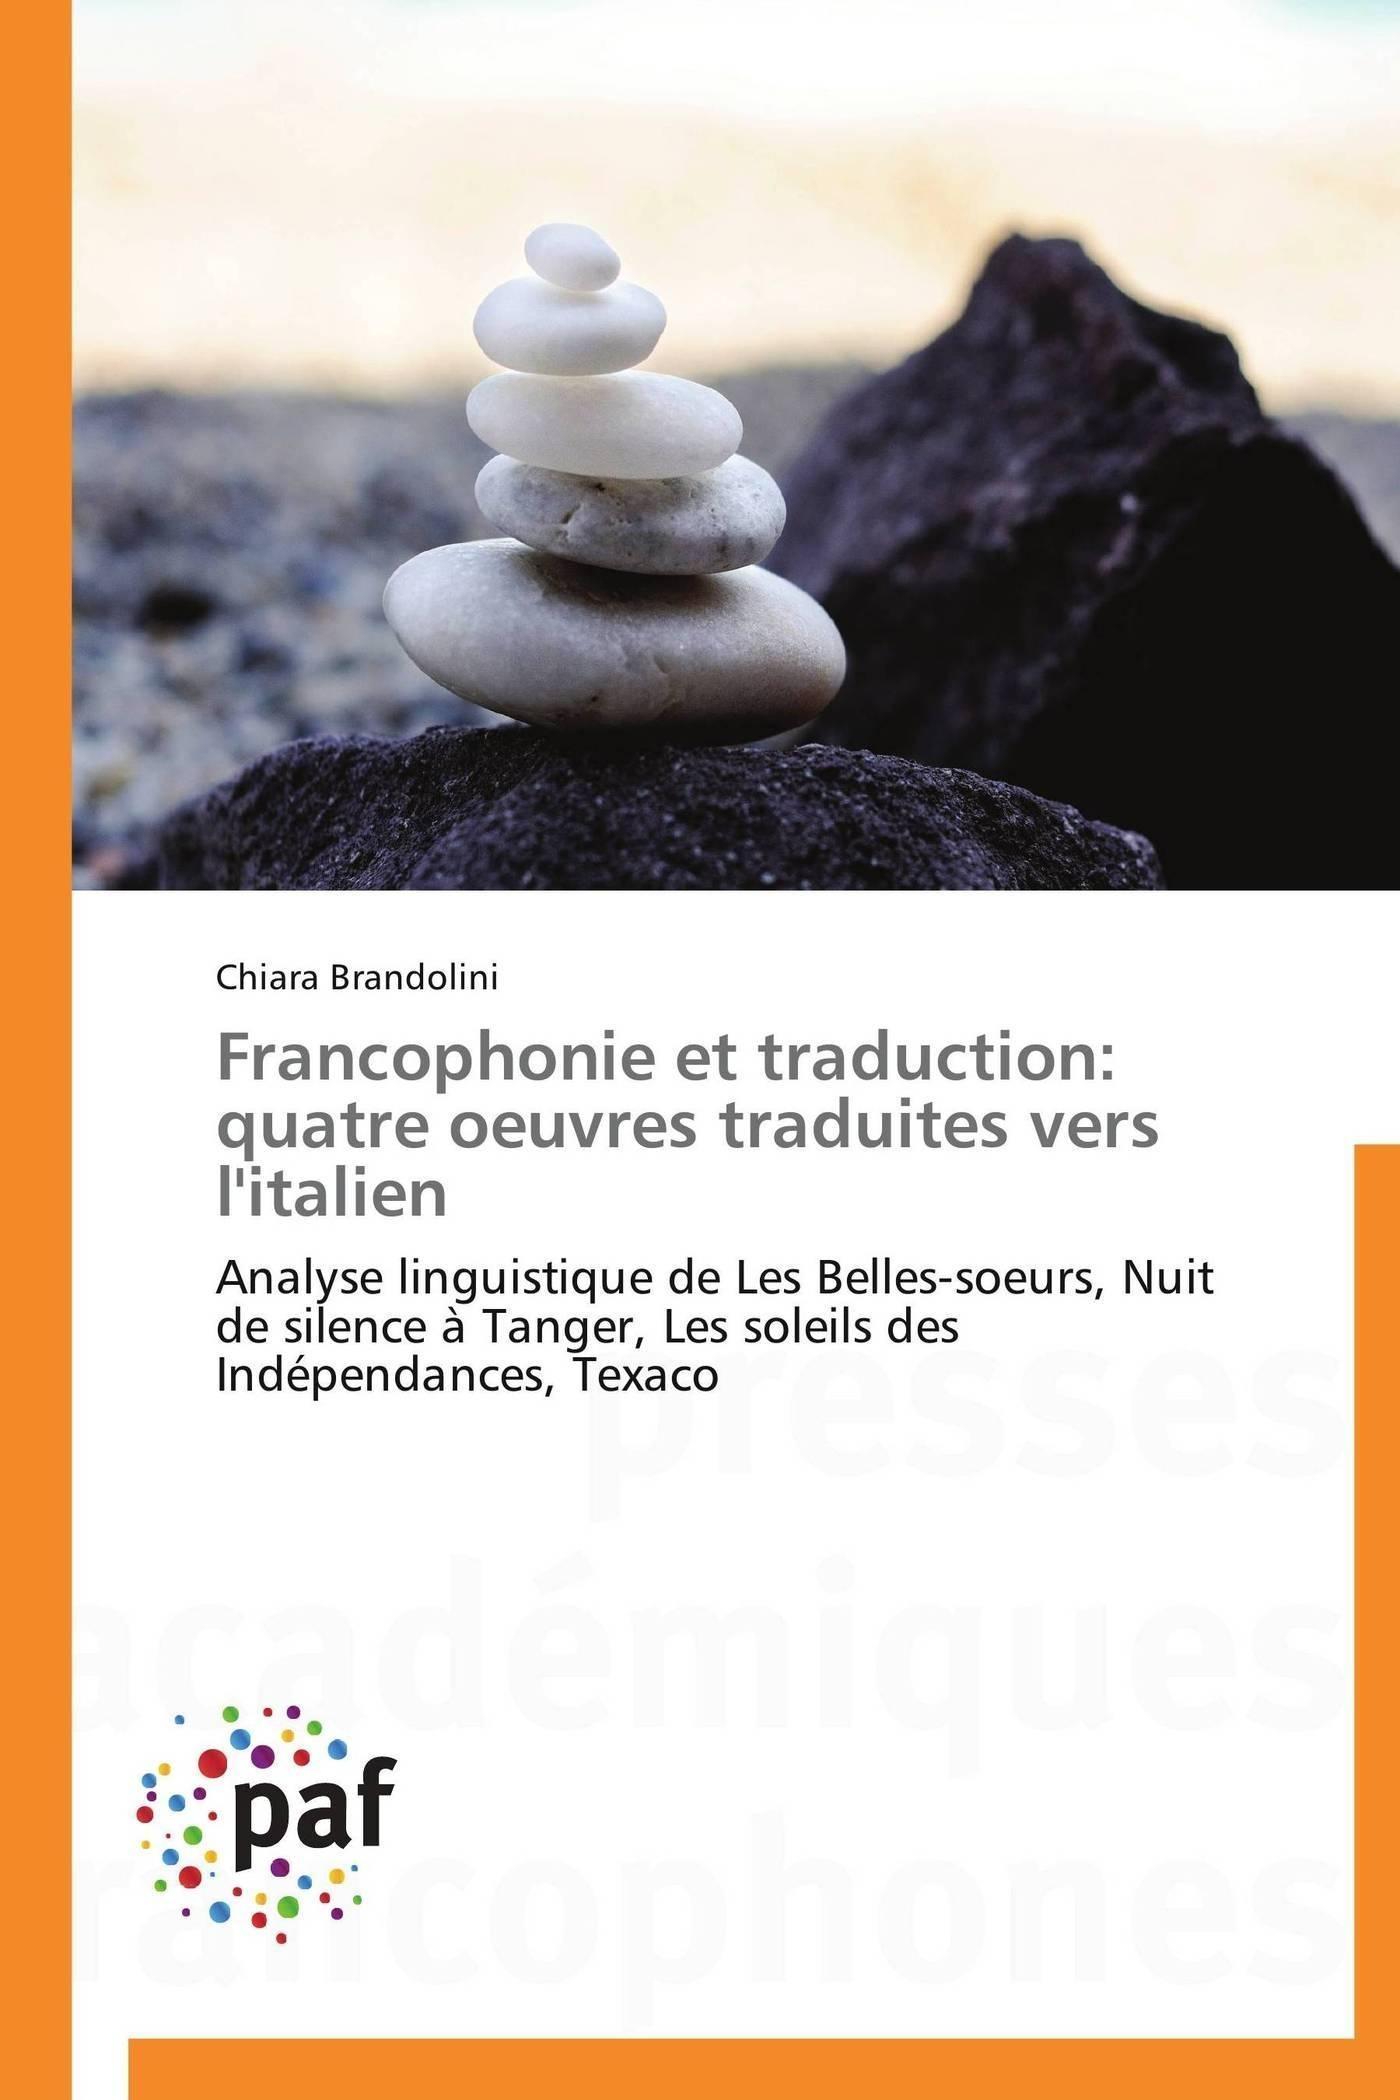 FRANCOPHONIE ET TRADUCTION: QUATRE OEUVRES TRADUITES VERS L'ITALIEN